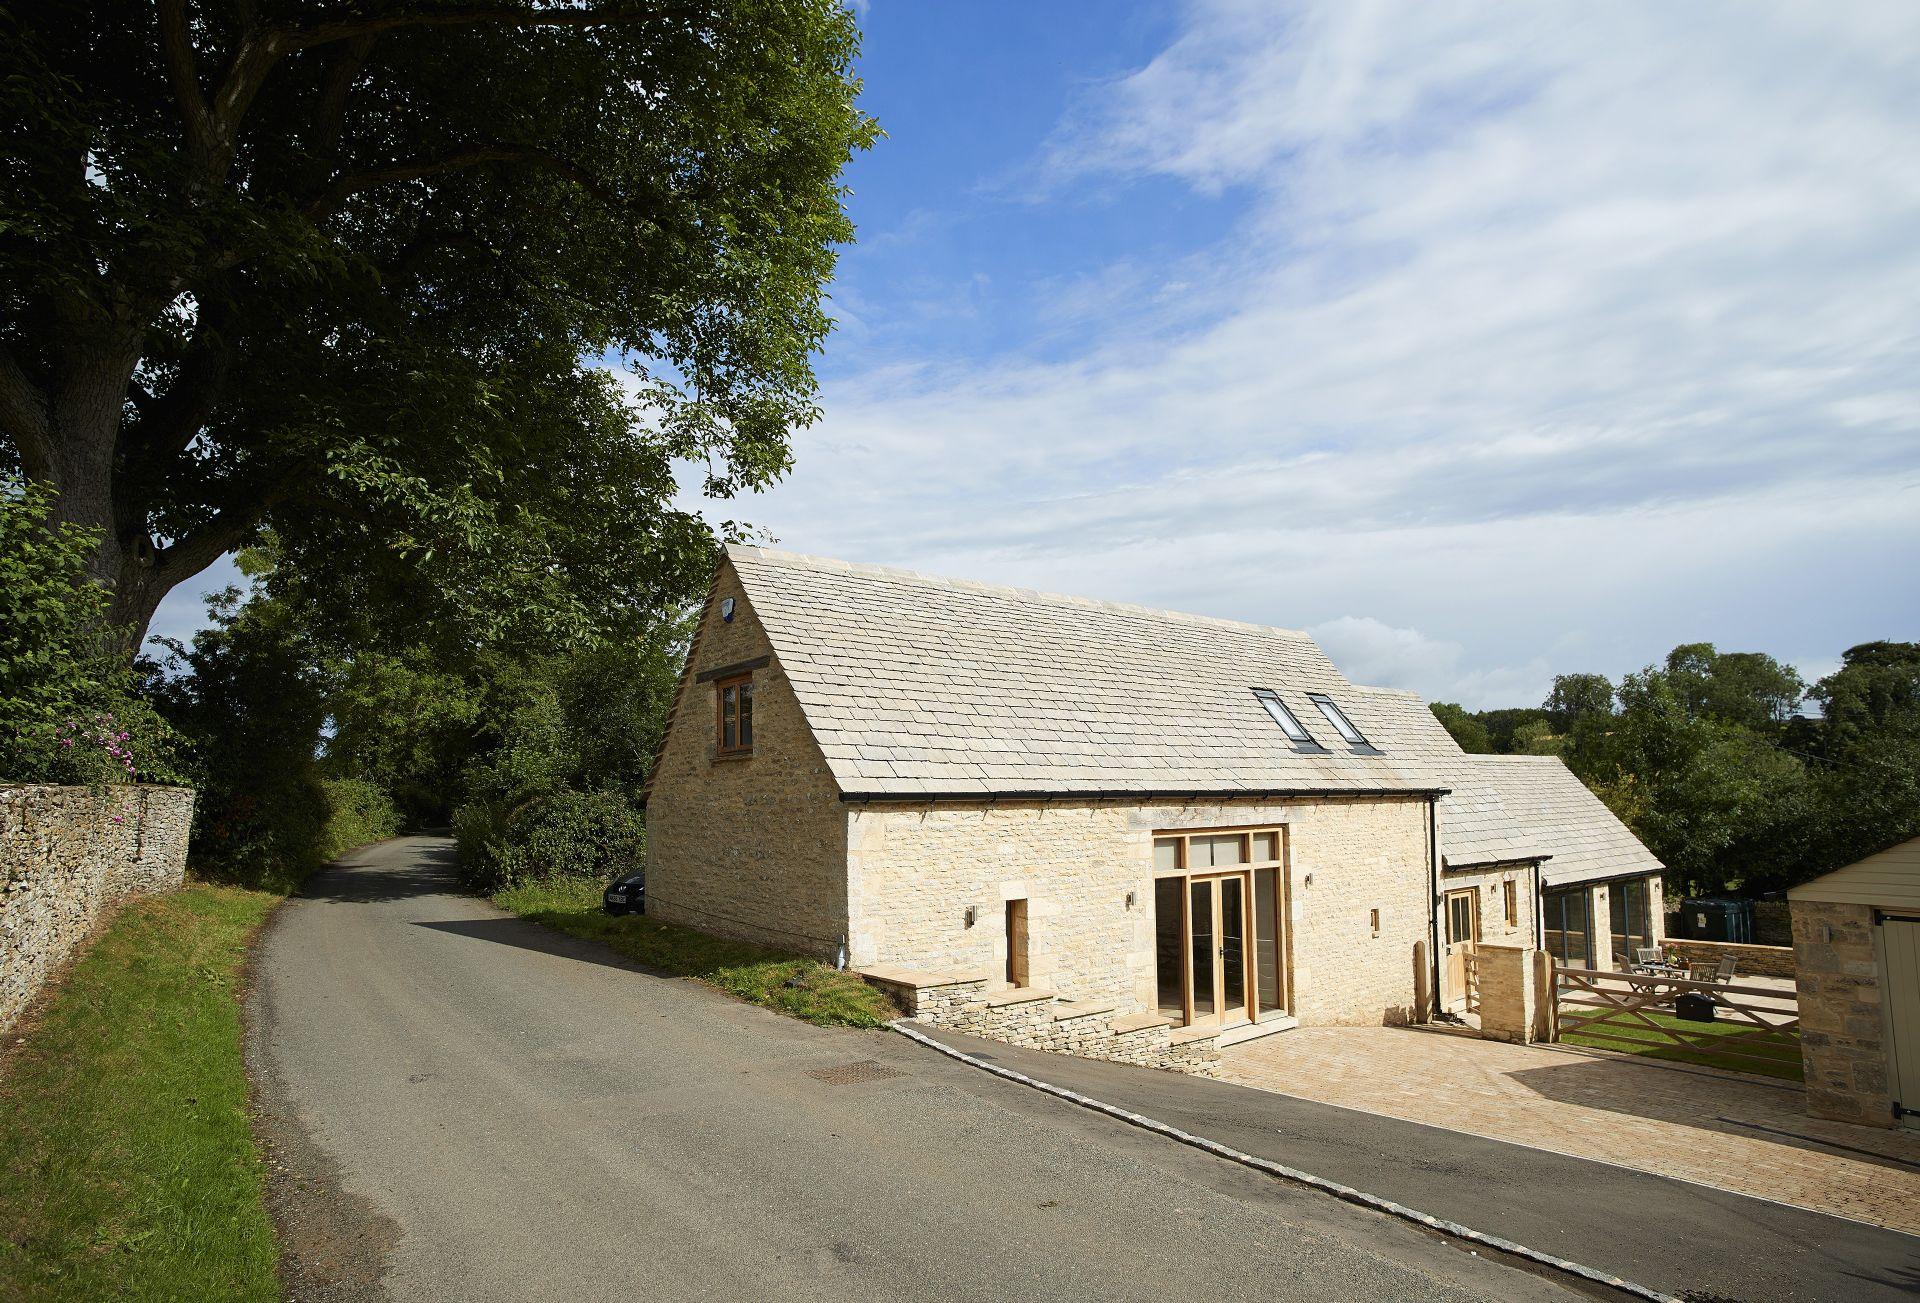 Image of Rosebank Barn